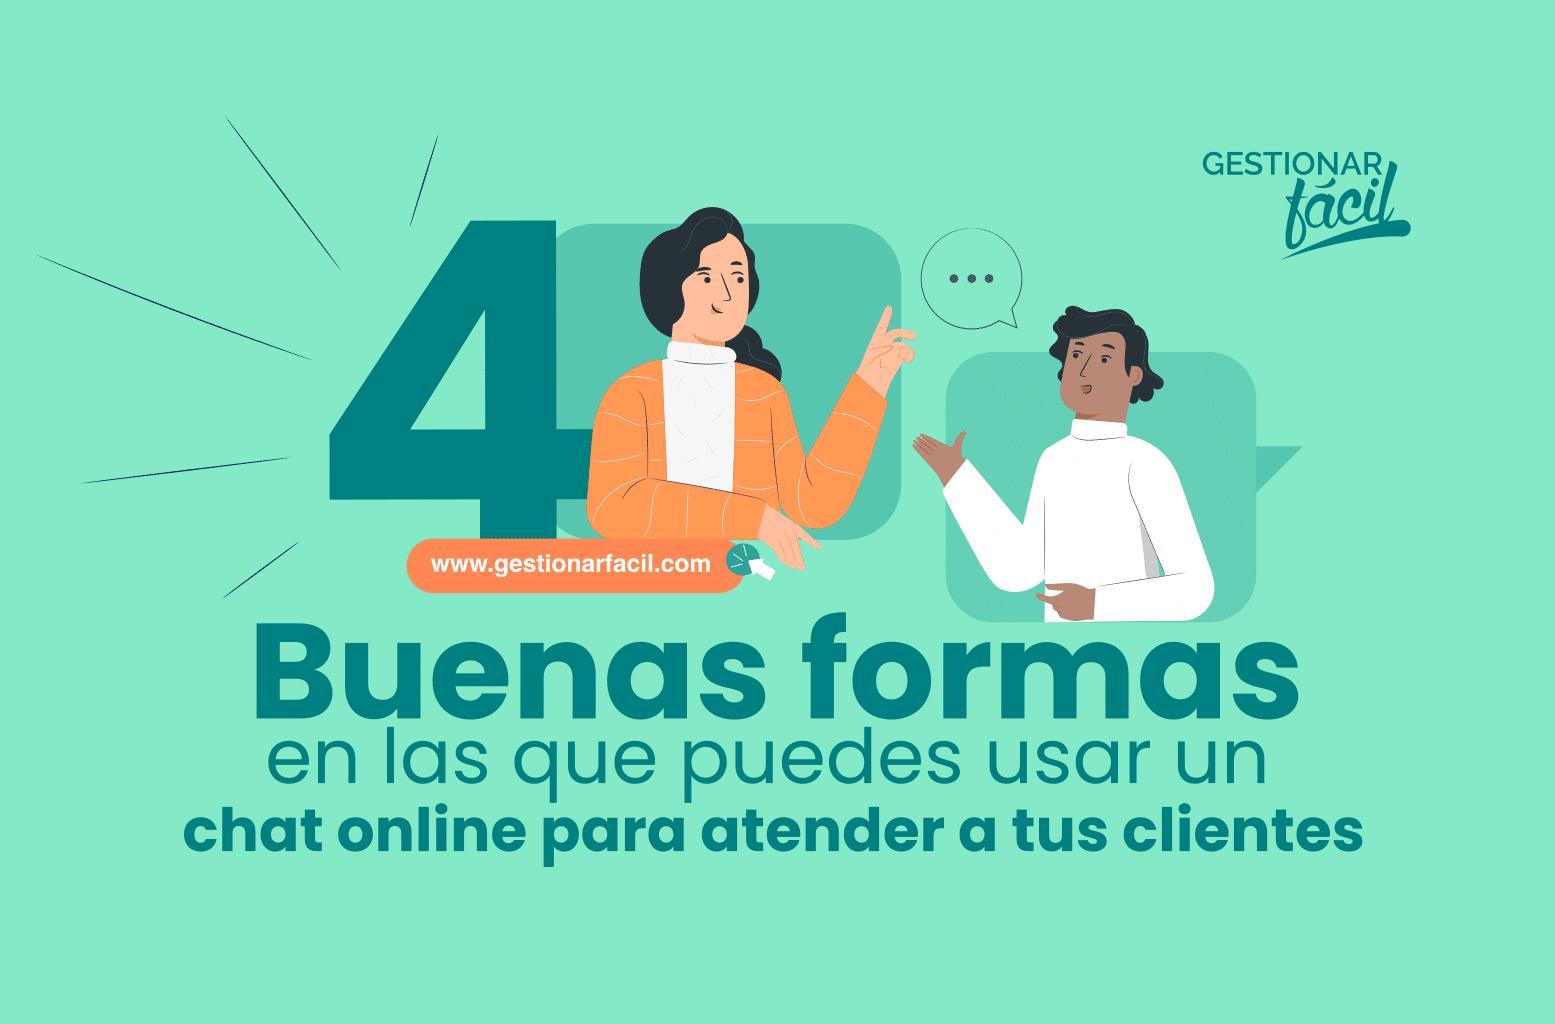 ¿Cómo utilizar el chat online para la atención al cliente?